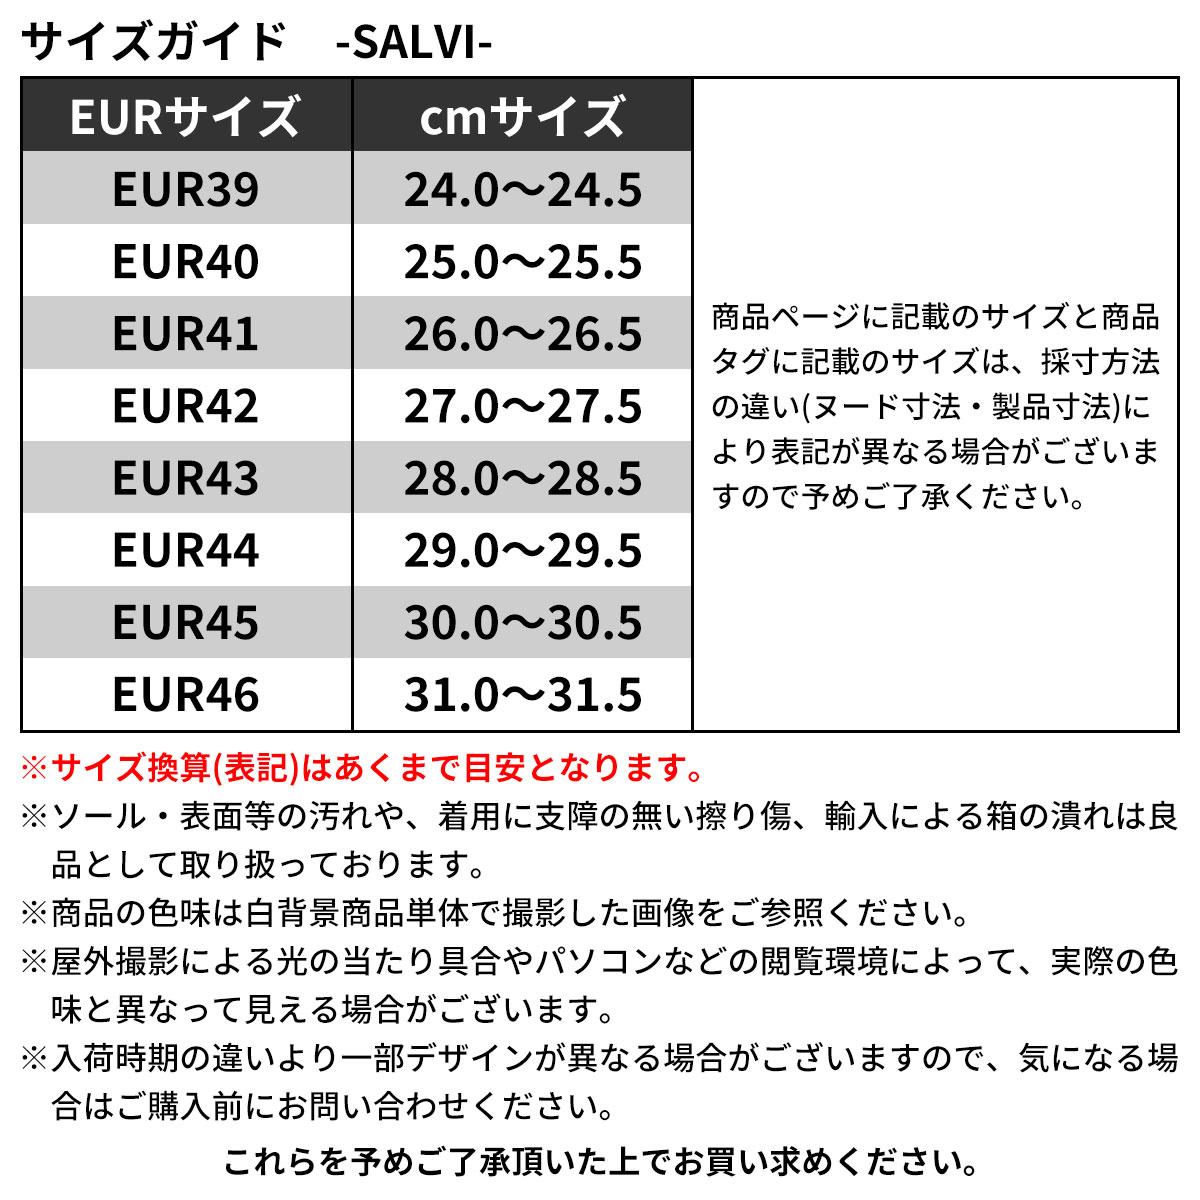 salvi_1